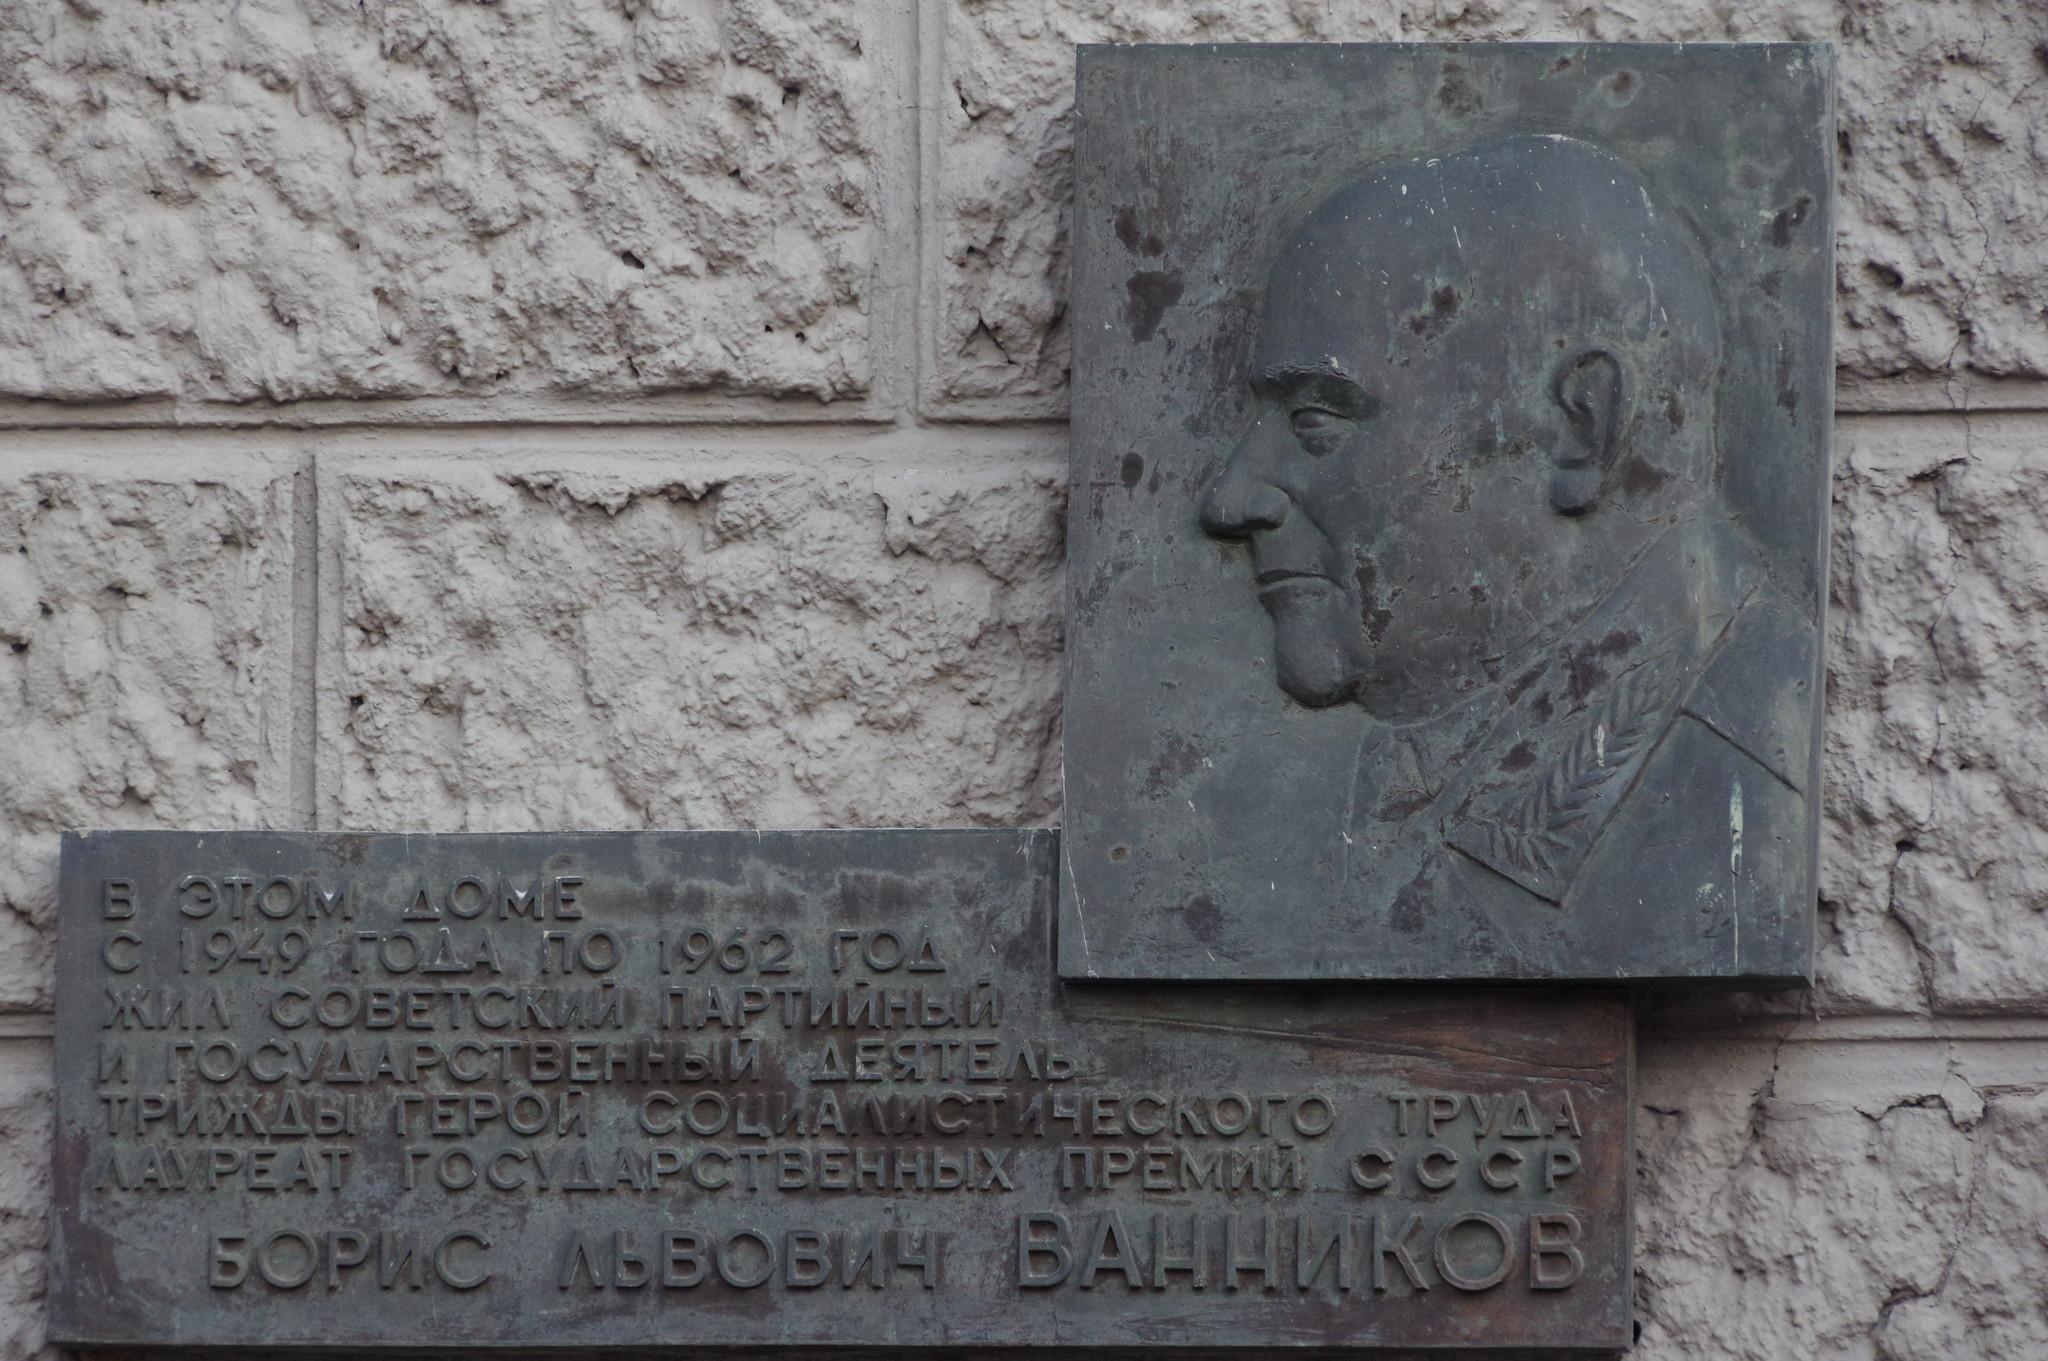 Мемориальная доска на фасаде дома (Большой Казённый переулок, дом 7). В этом доме с 1949 года по 1962 год жил трижды Герой Социалистического Труда Борис Львович Ванников. Скульптор Л.Т. Гадаев, архитектор В.Н. Ситниченко